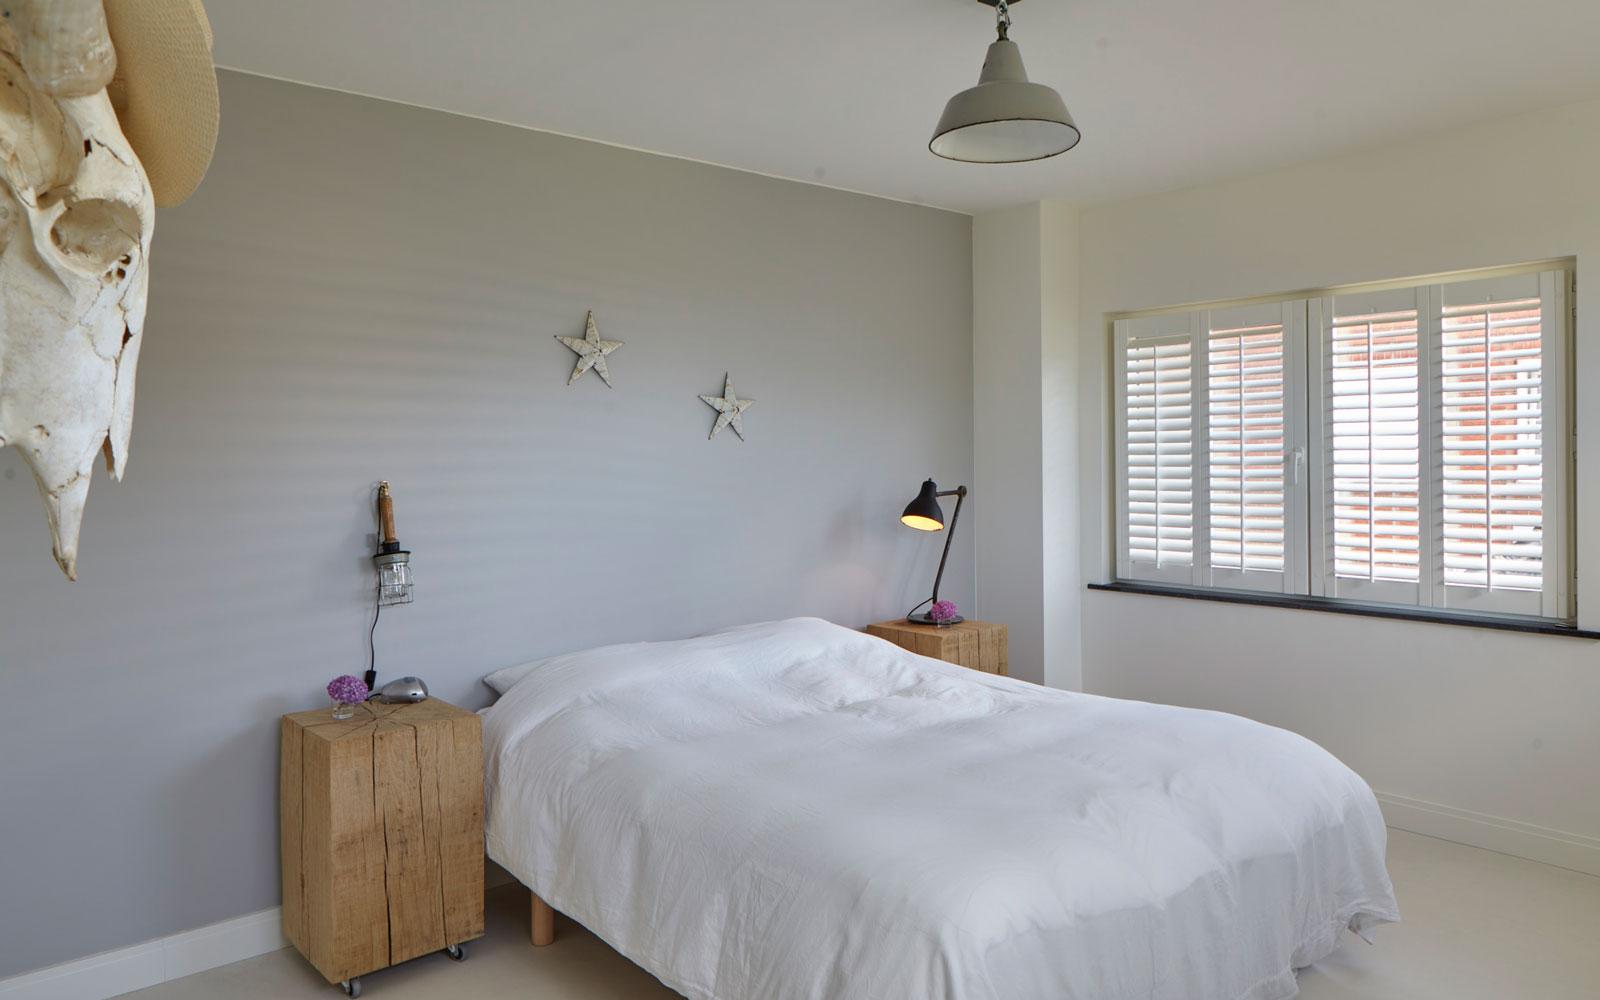 Slaapkamer, master bedroom, bed, shutters, Luxaflex, zonwering, kijkwoning, Stalen Deuren Huys